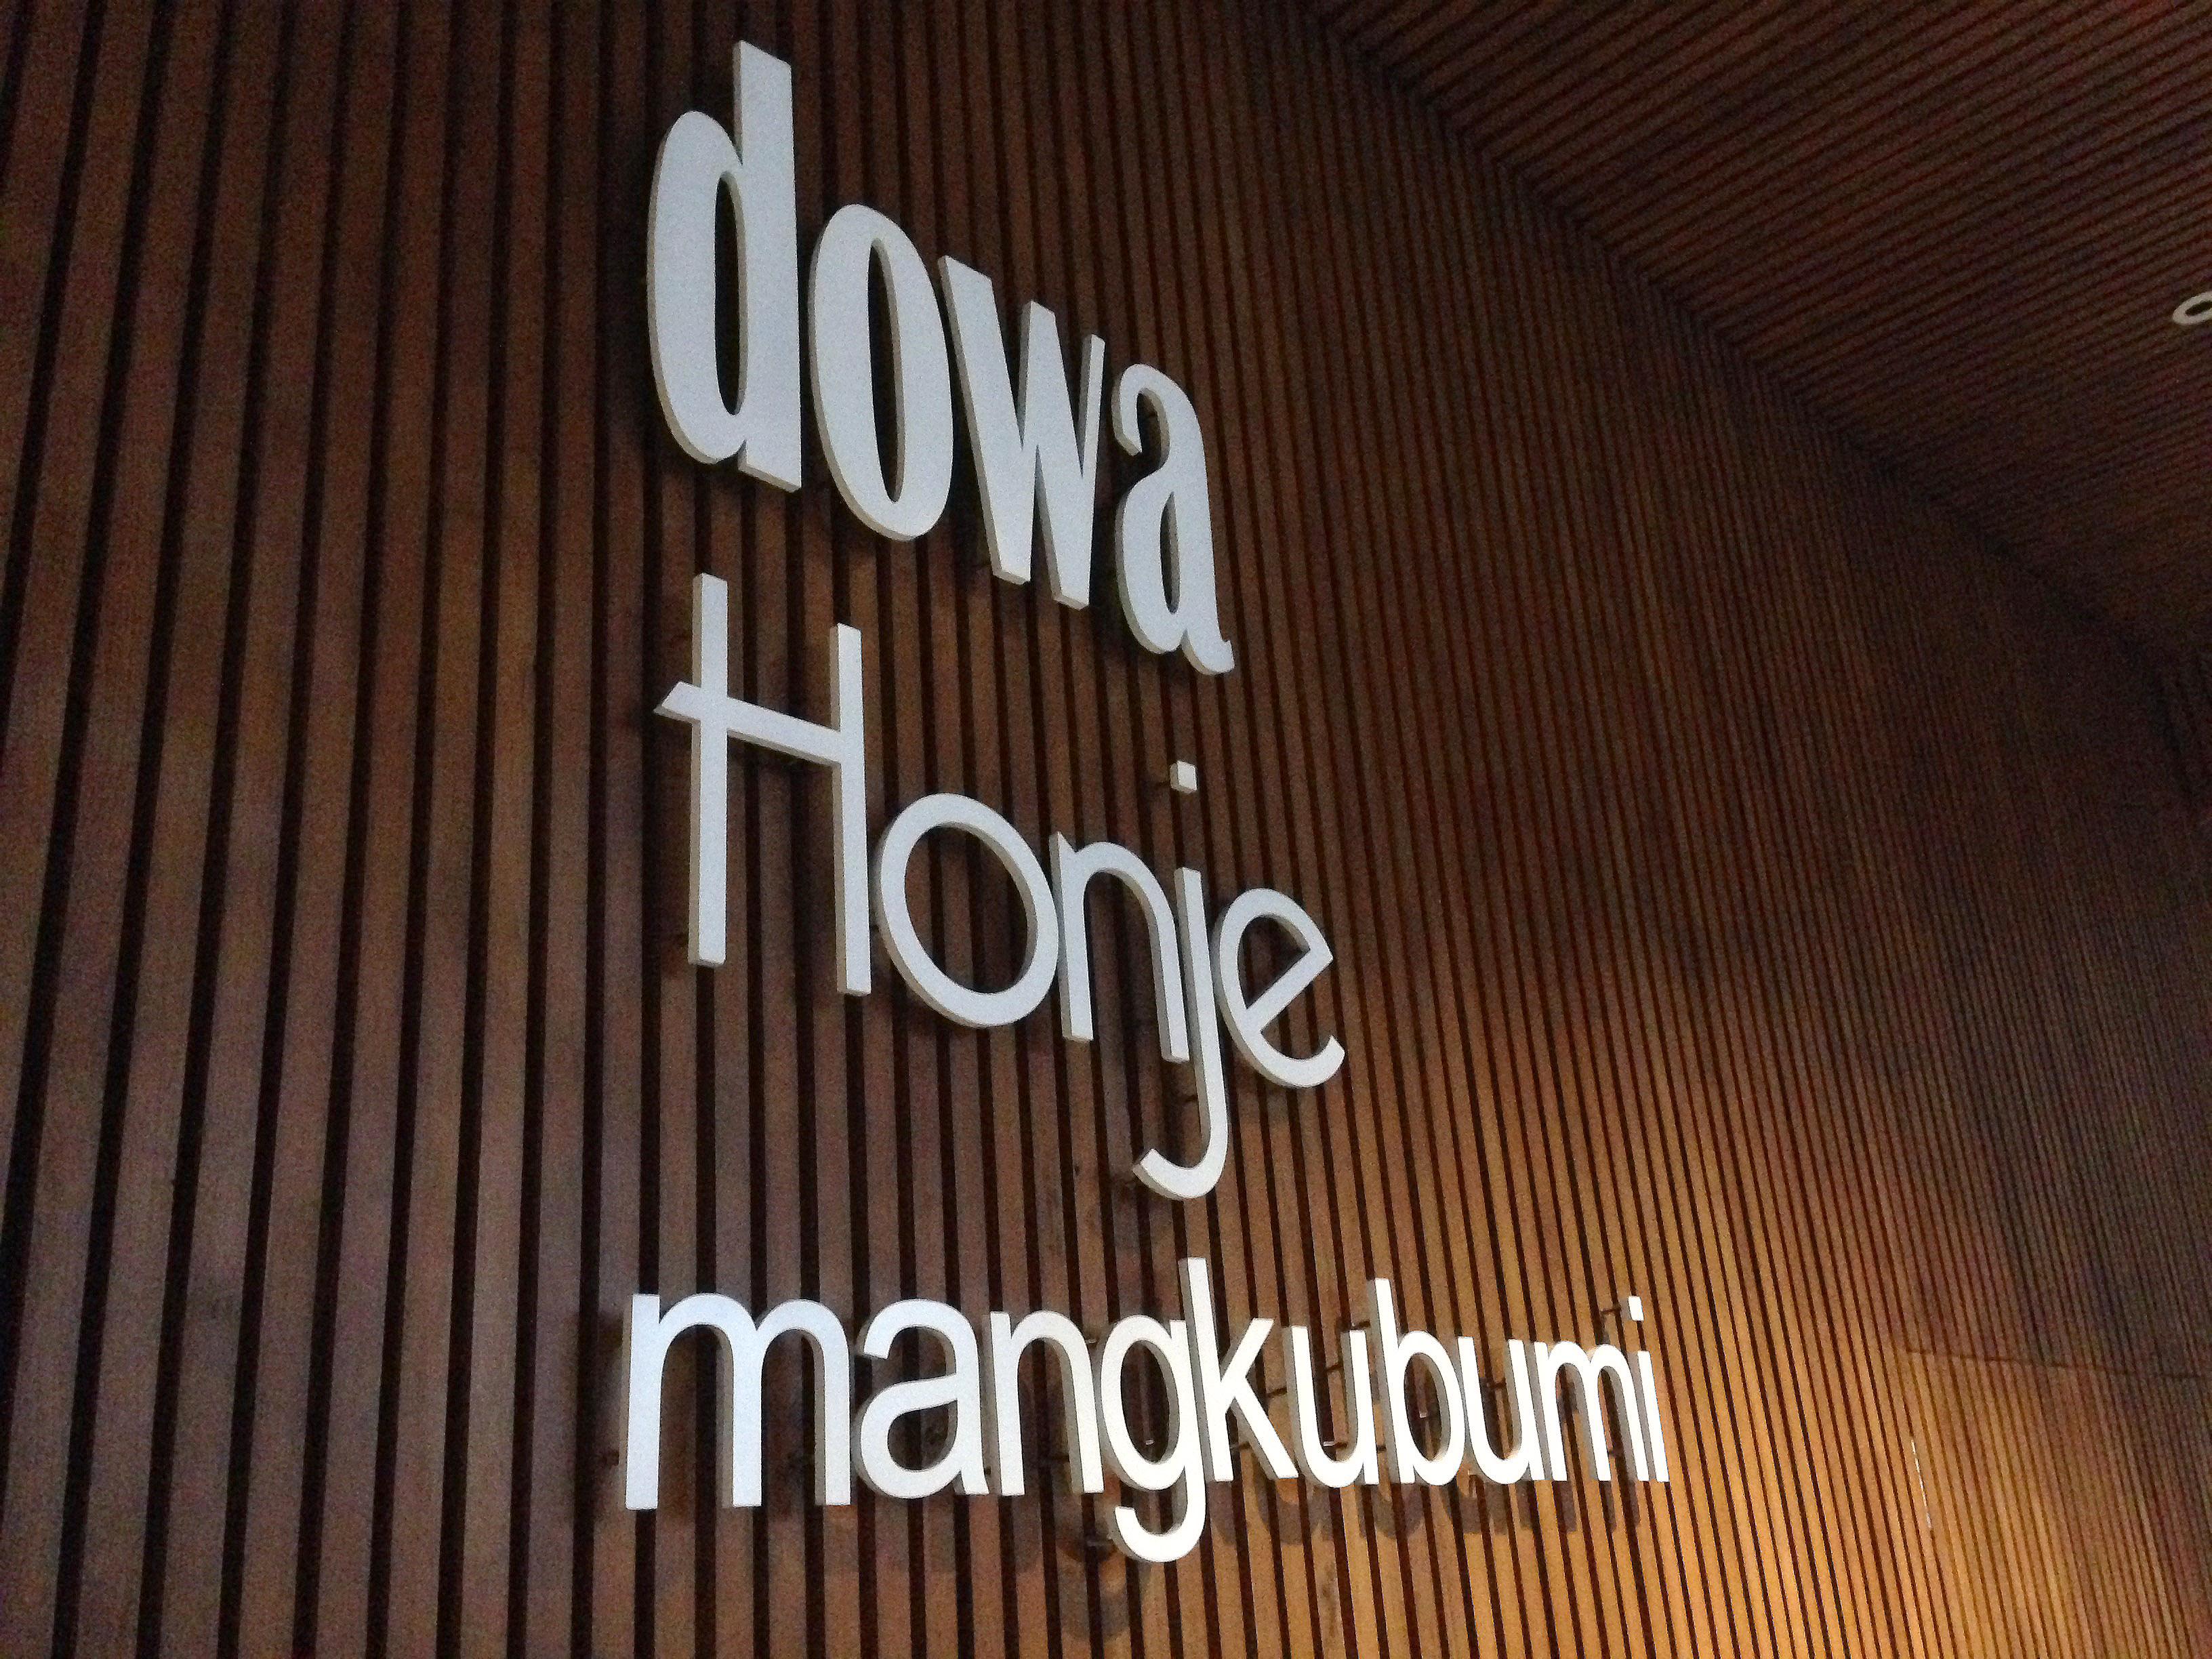 Dowa Honje